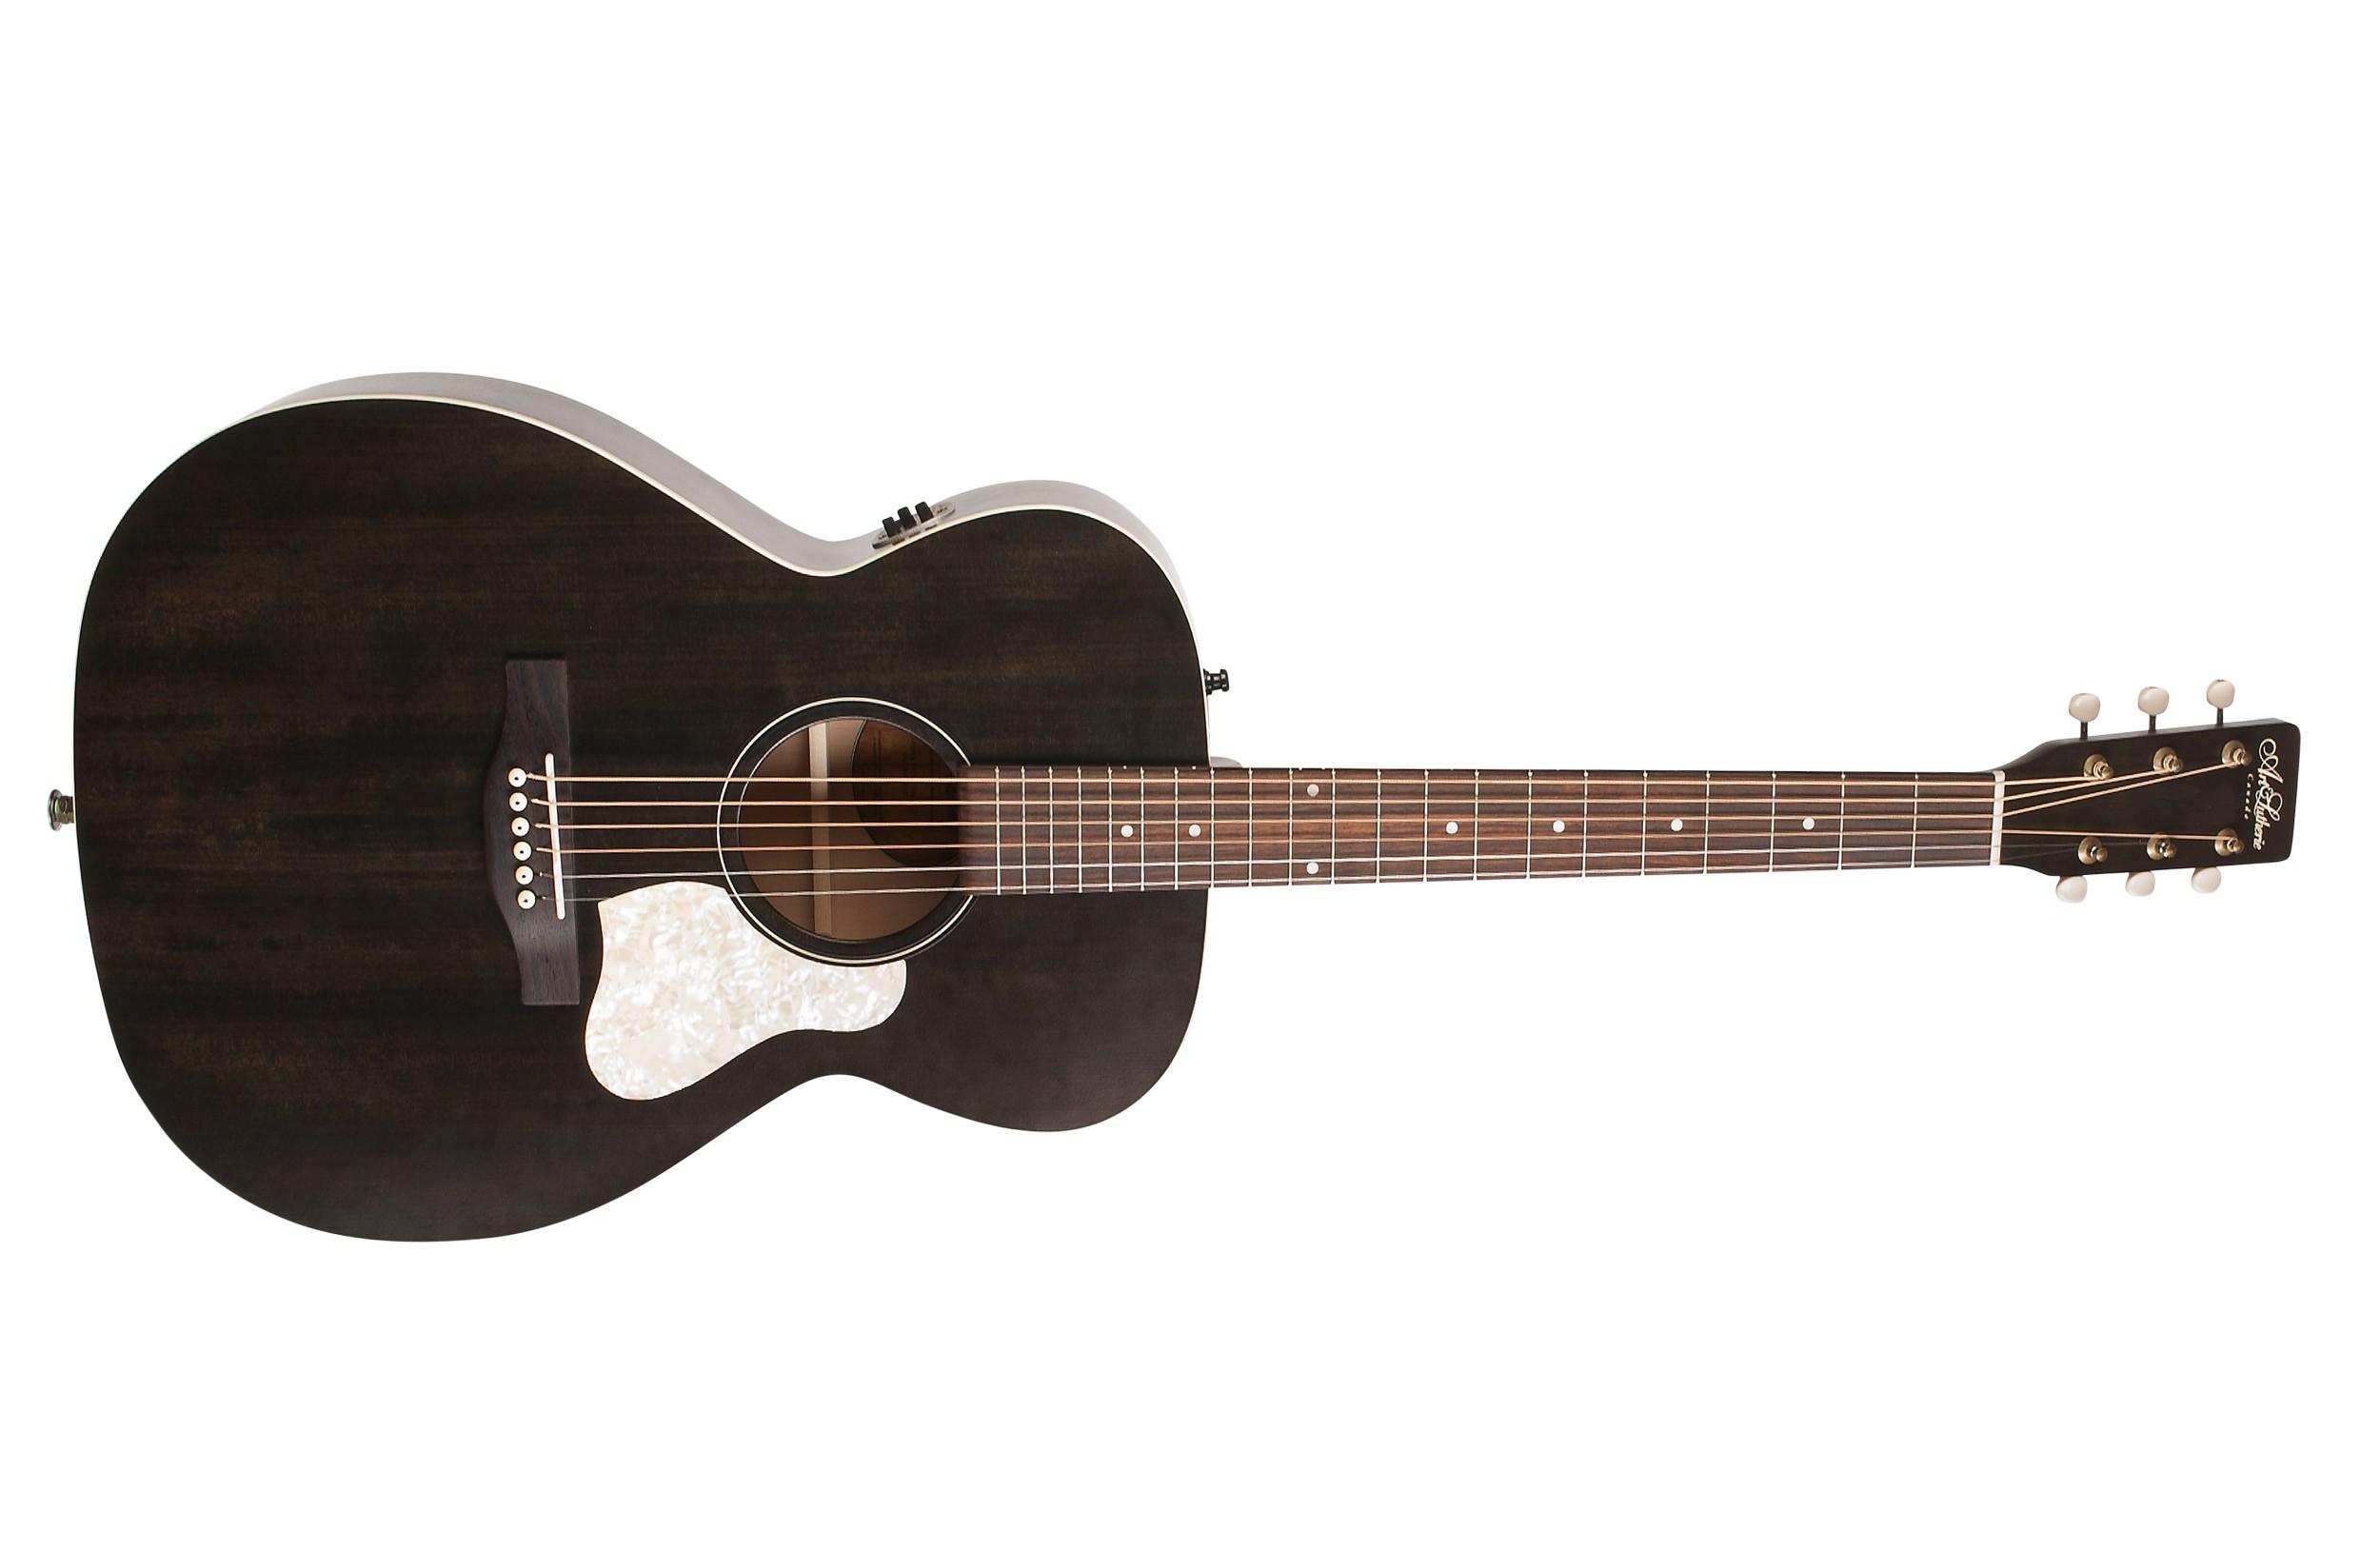 Guitares & Co - GUITARES ACOUSTIQUES - 6 CORDES - ART & LUTHERIE - AL042388 - Royez Musik